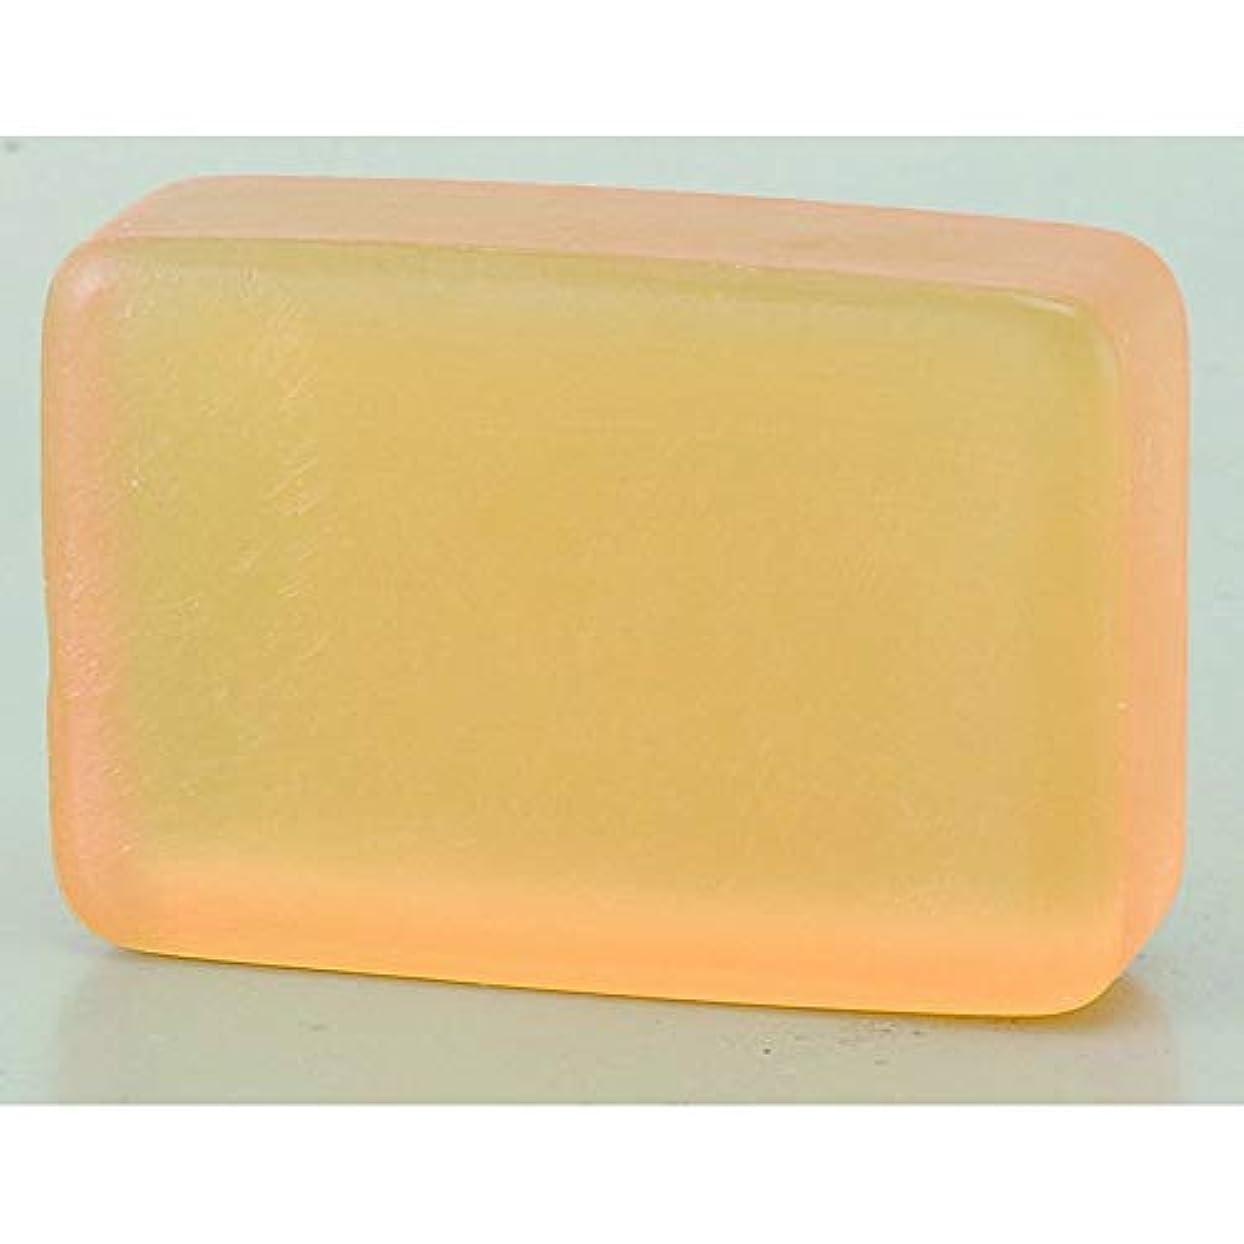 しおれた刺激するアロング石けん Soap 馬油石鹸